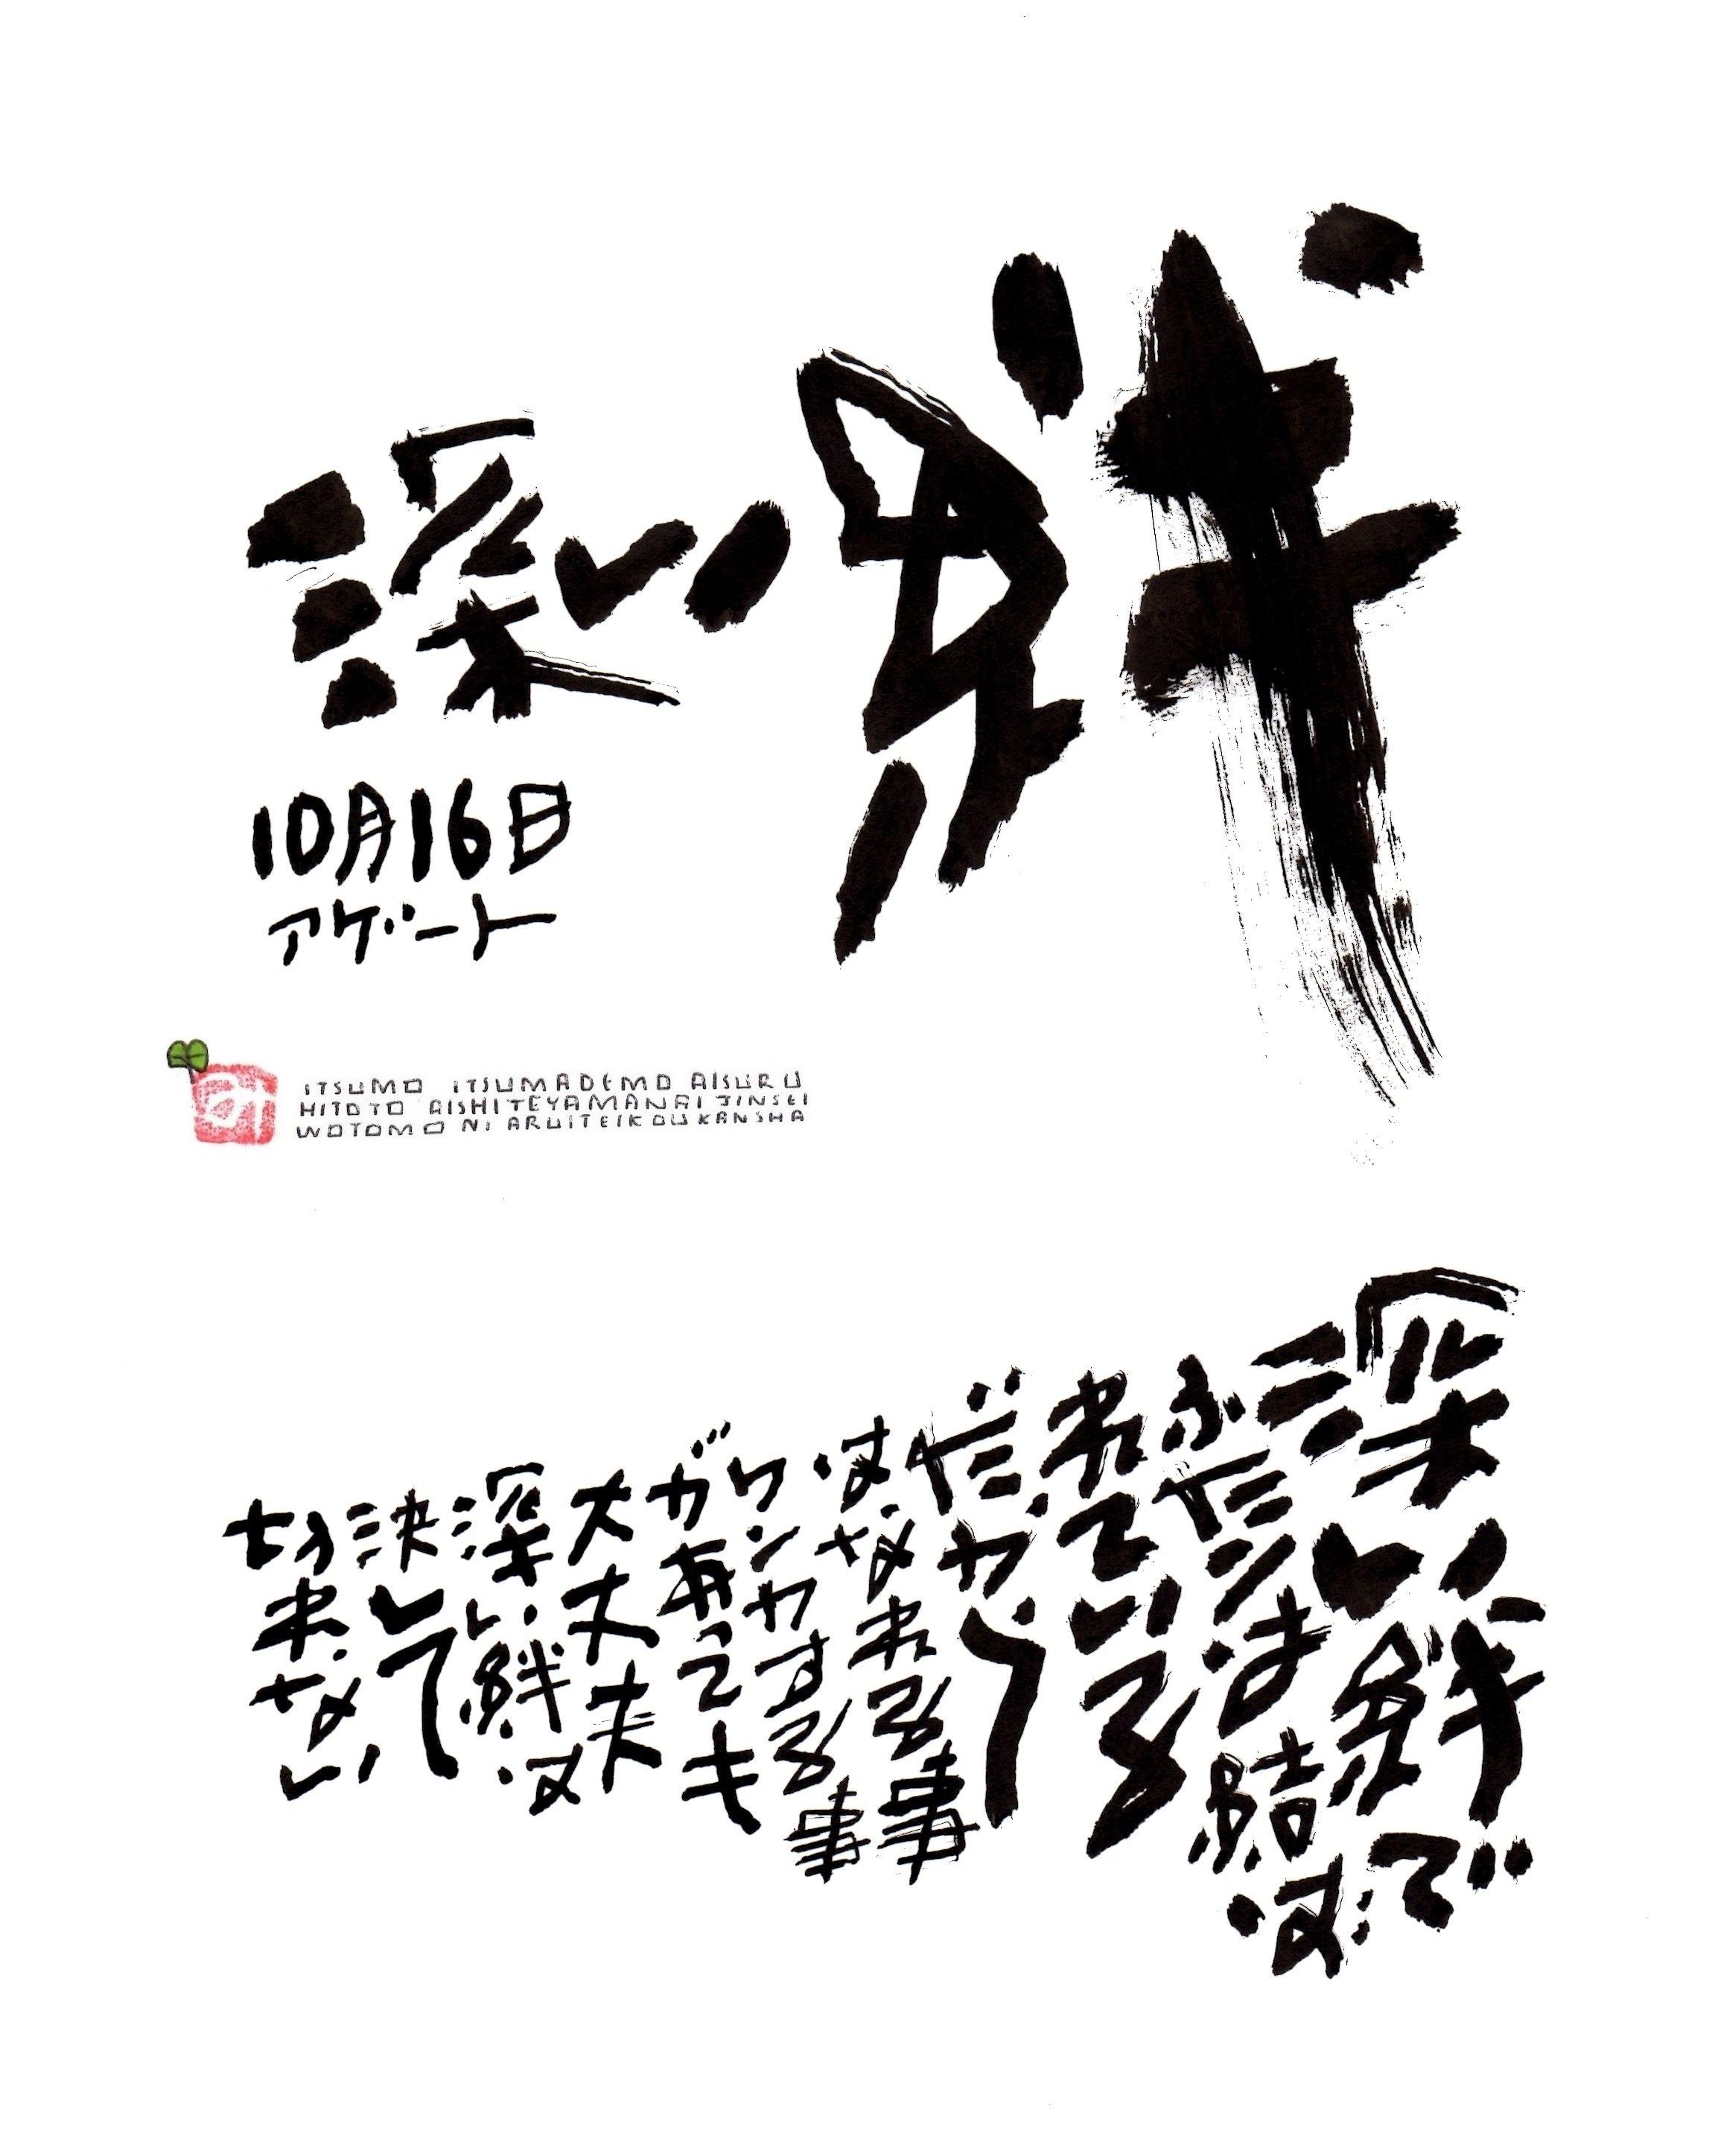 10月16日 結婚記念日ポストカード【深い絆】